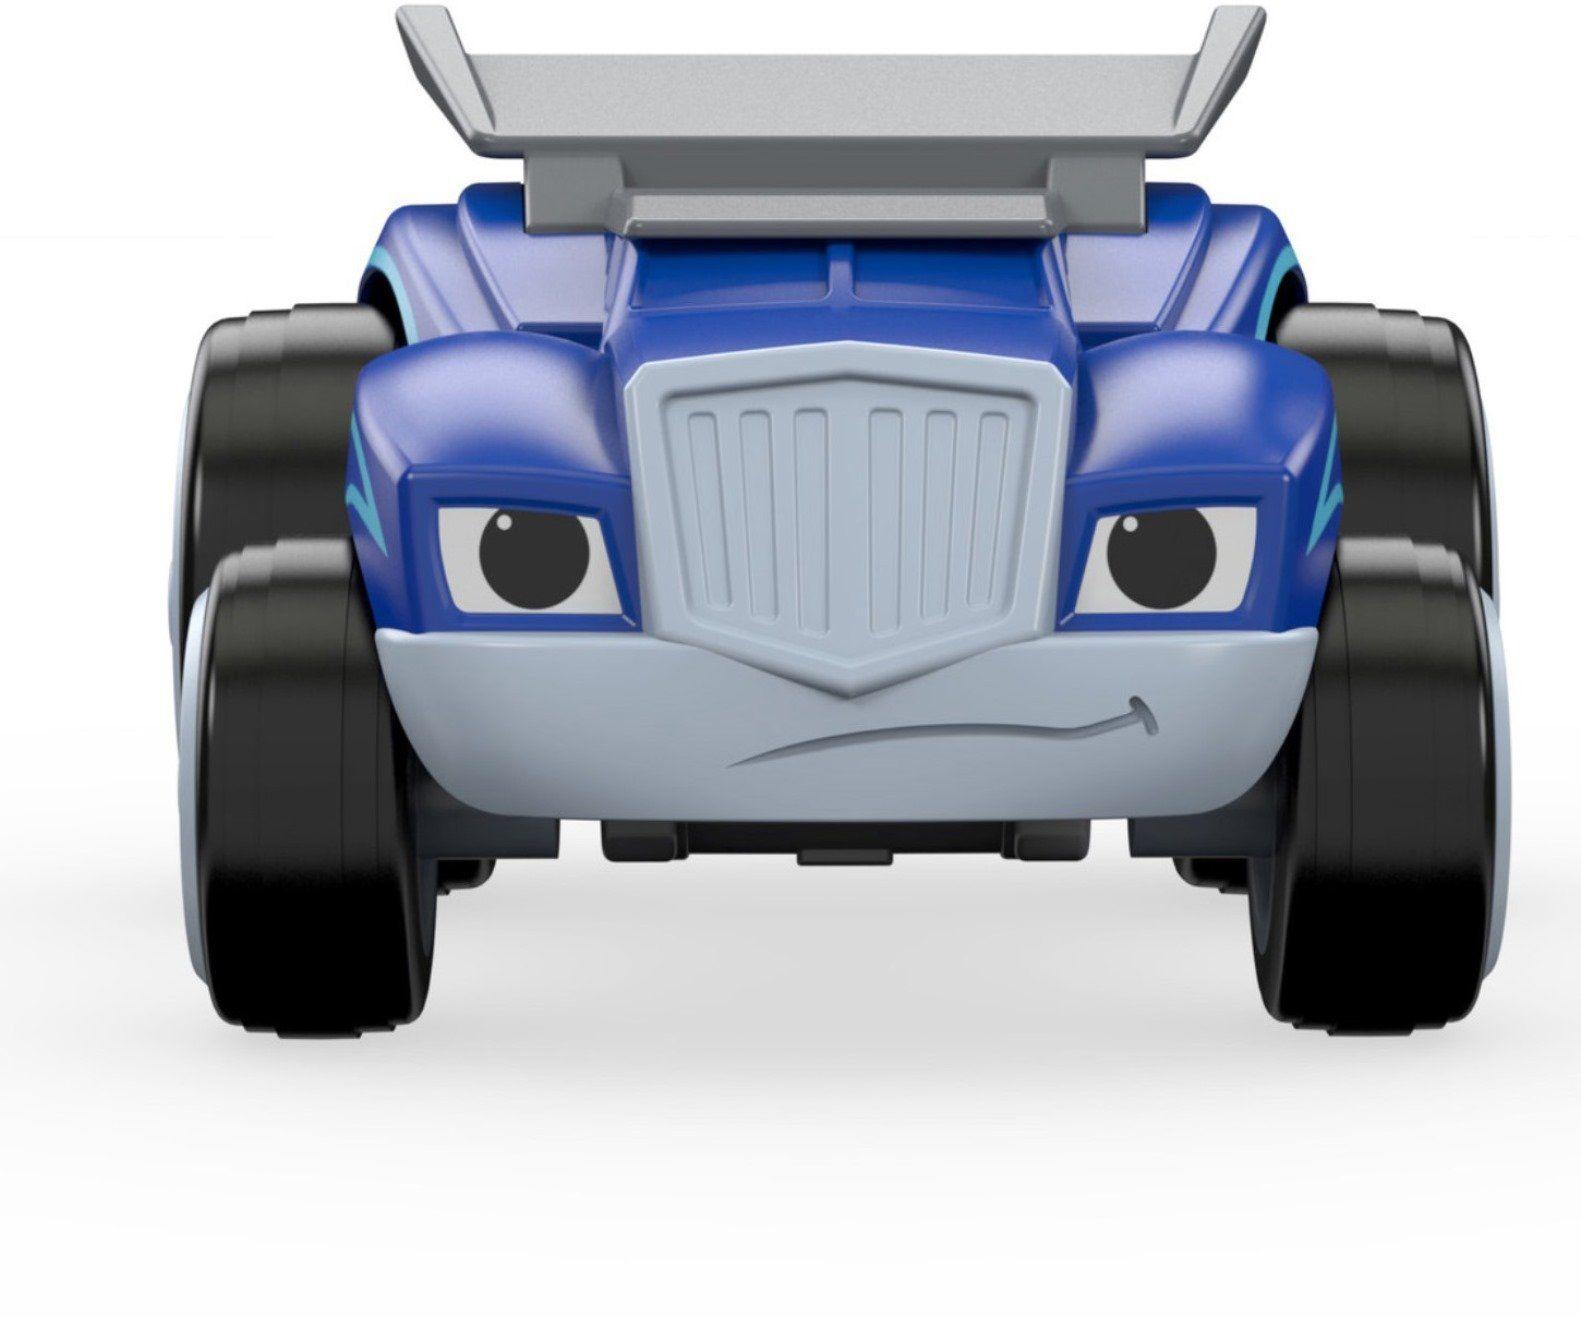 Fisherprice Nickelodeon Blaze And The Monster Machines Race Car